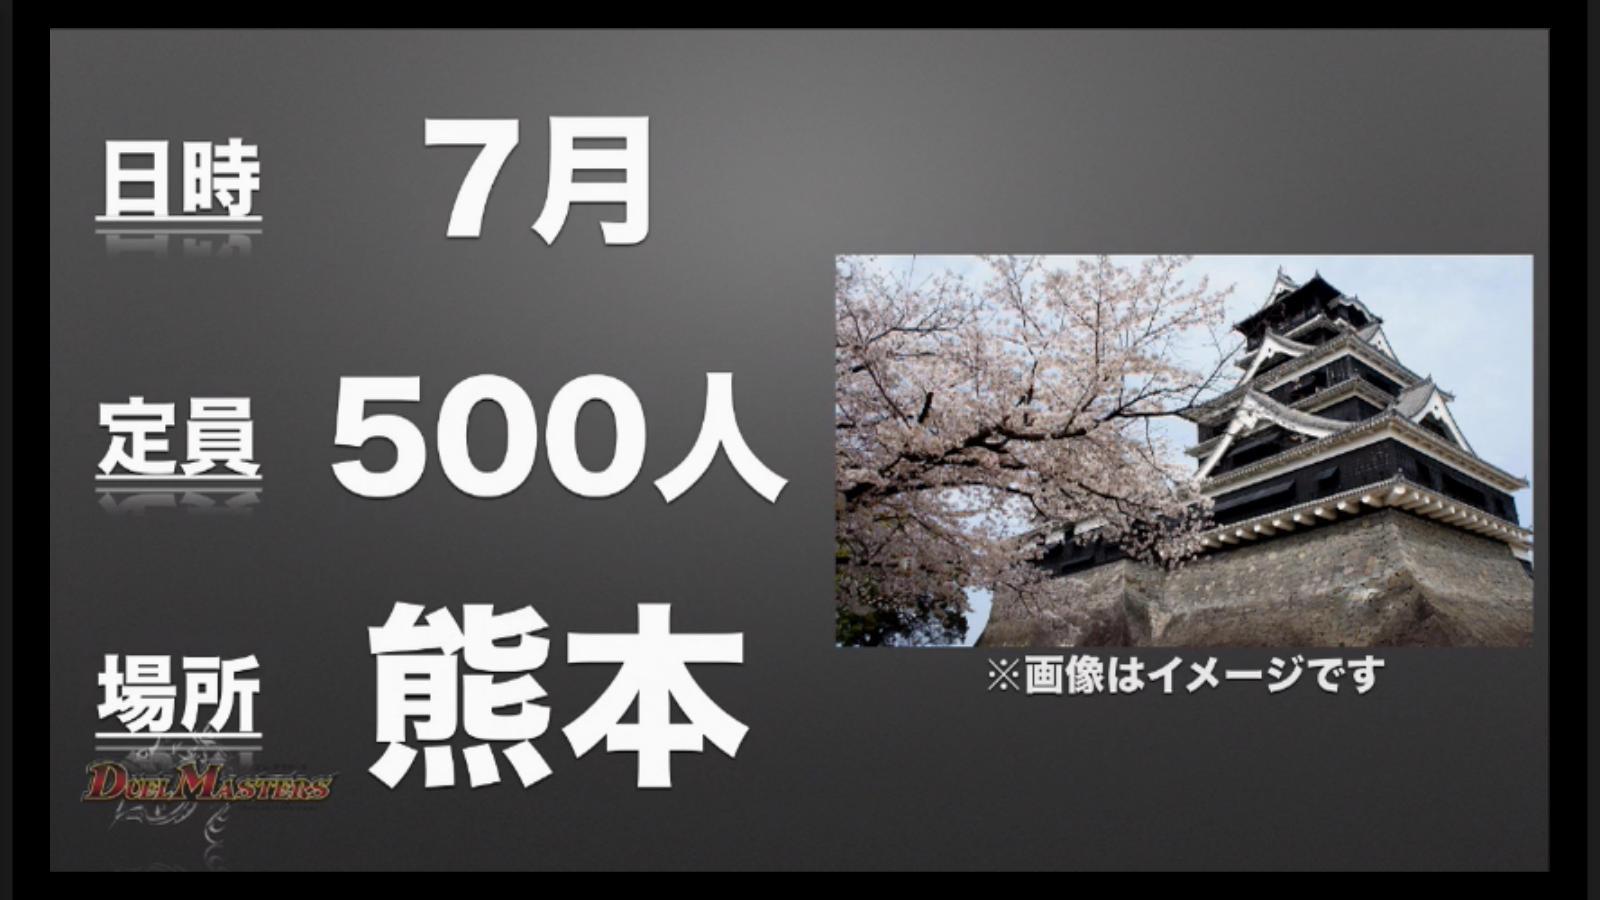 dm-kakumei-finalcup-news-170226-093.jpg